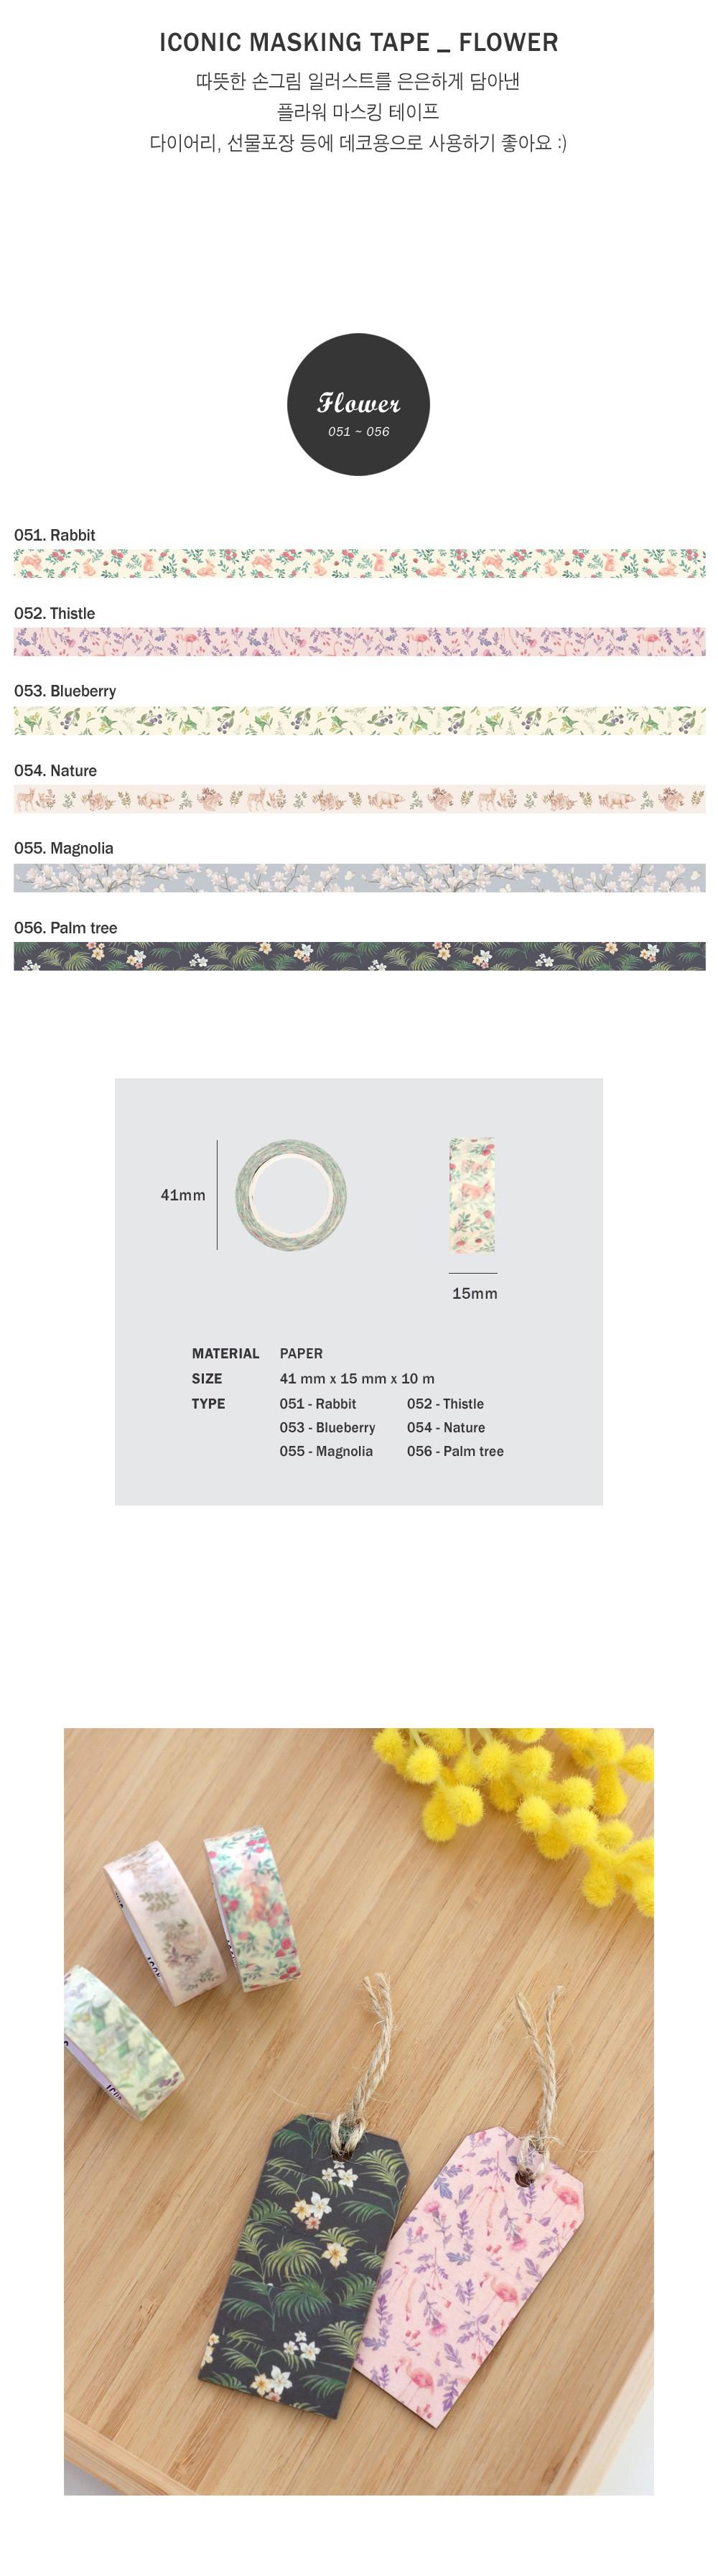 아이코닉 마스킹테이프 플라워 - 아이코닉, 2,400원, 마스킹 테이프, 종이 마스킹테이프